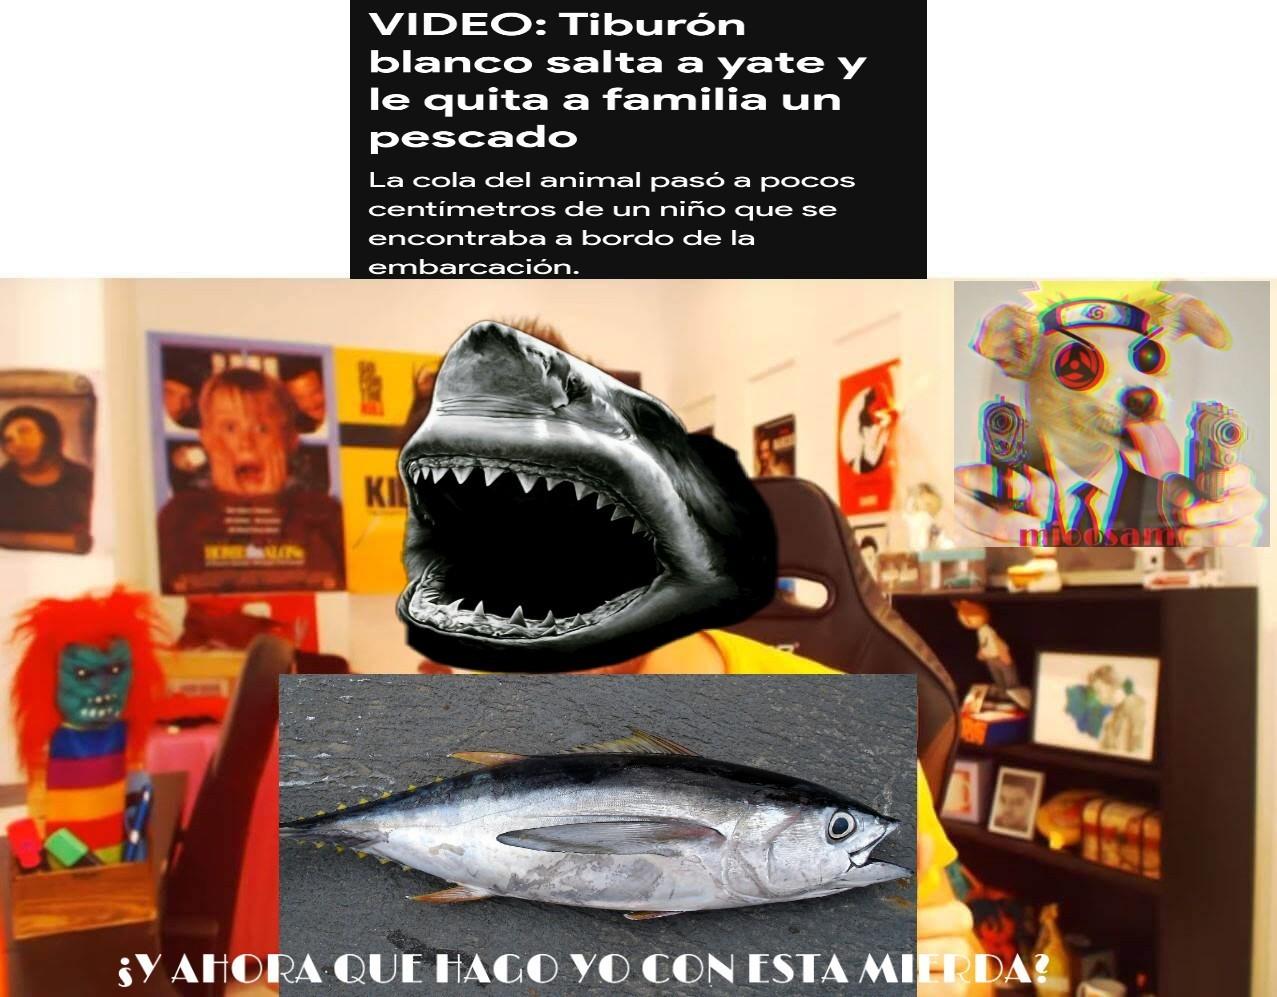 Y agarras un pescado nomas?tiburon pendejo - meme